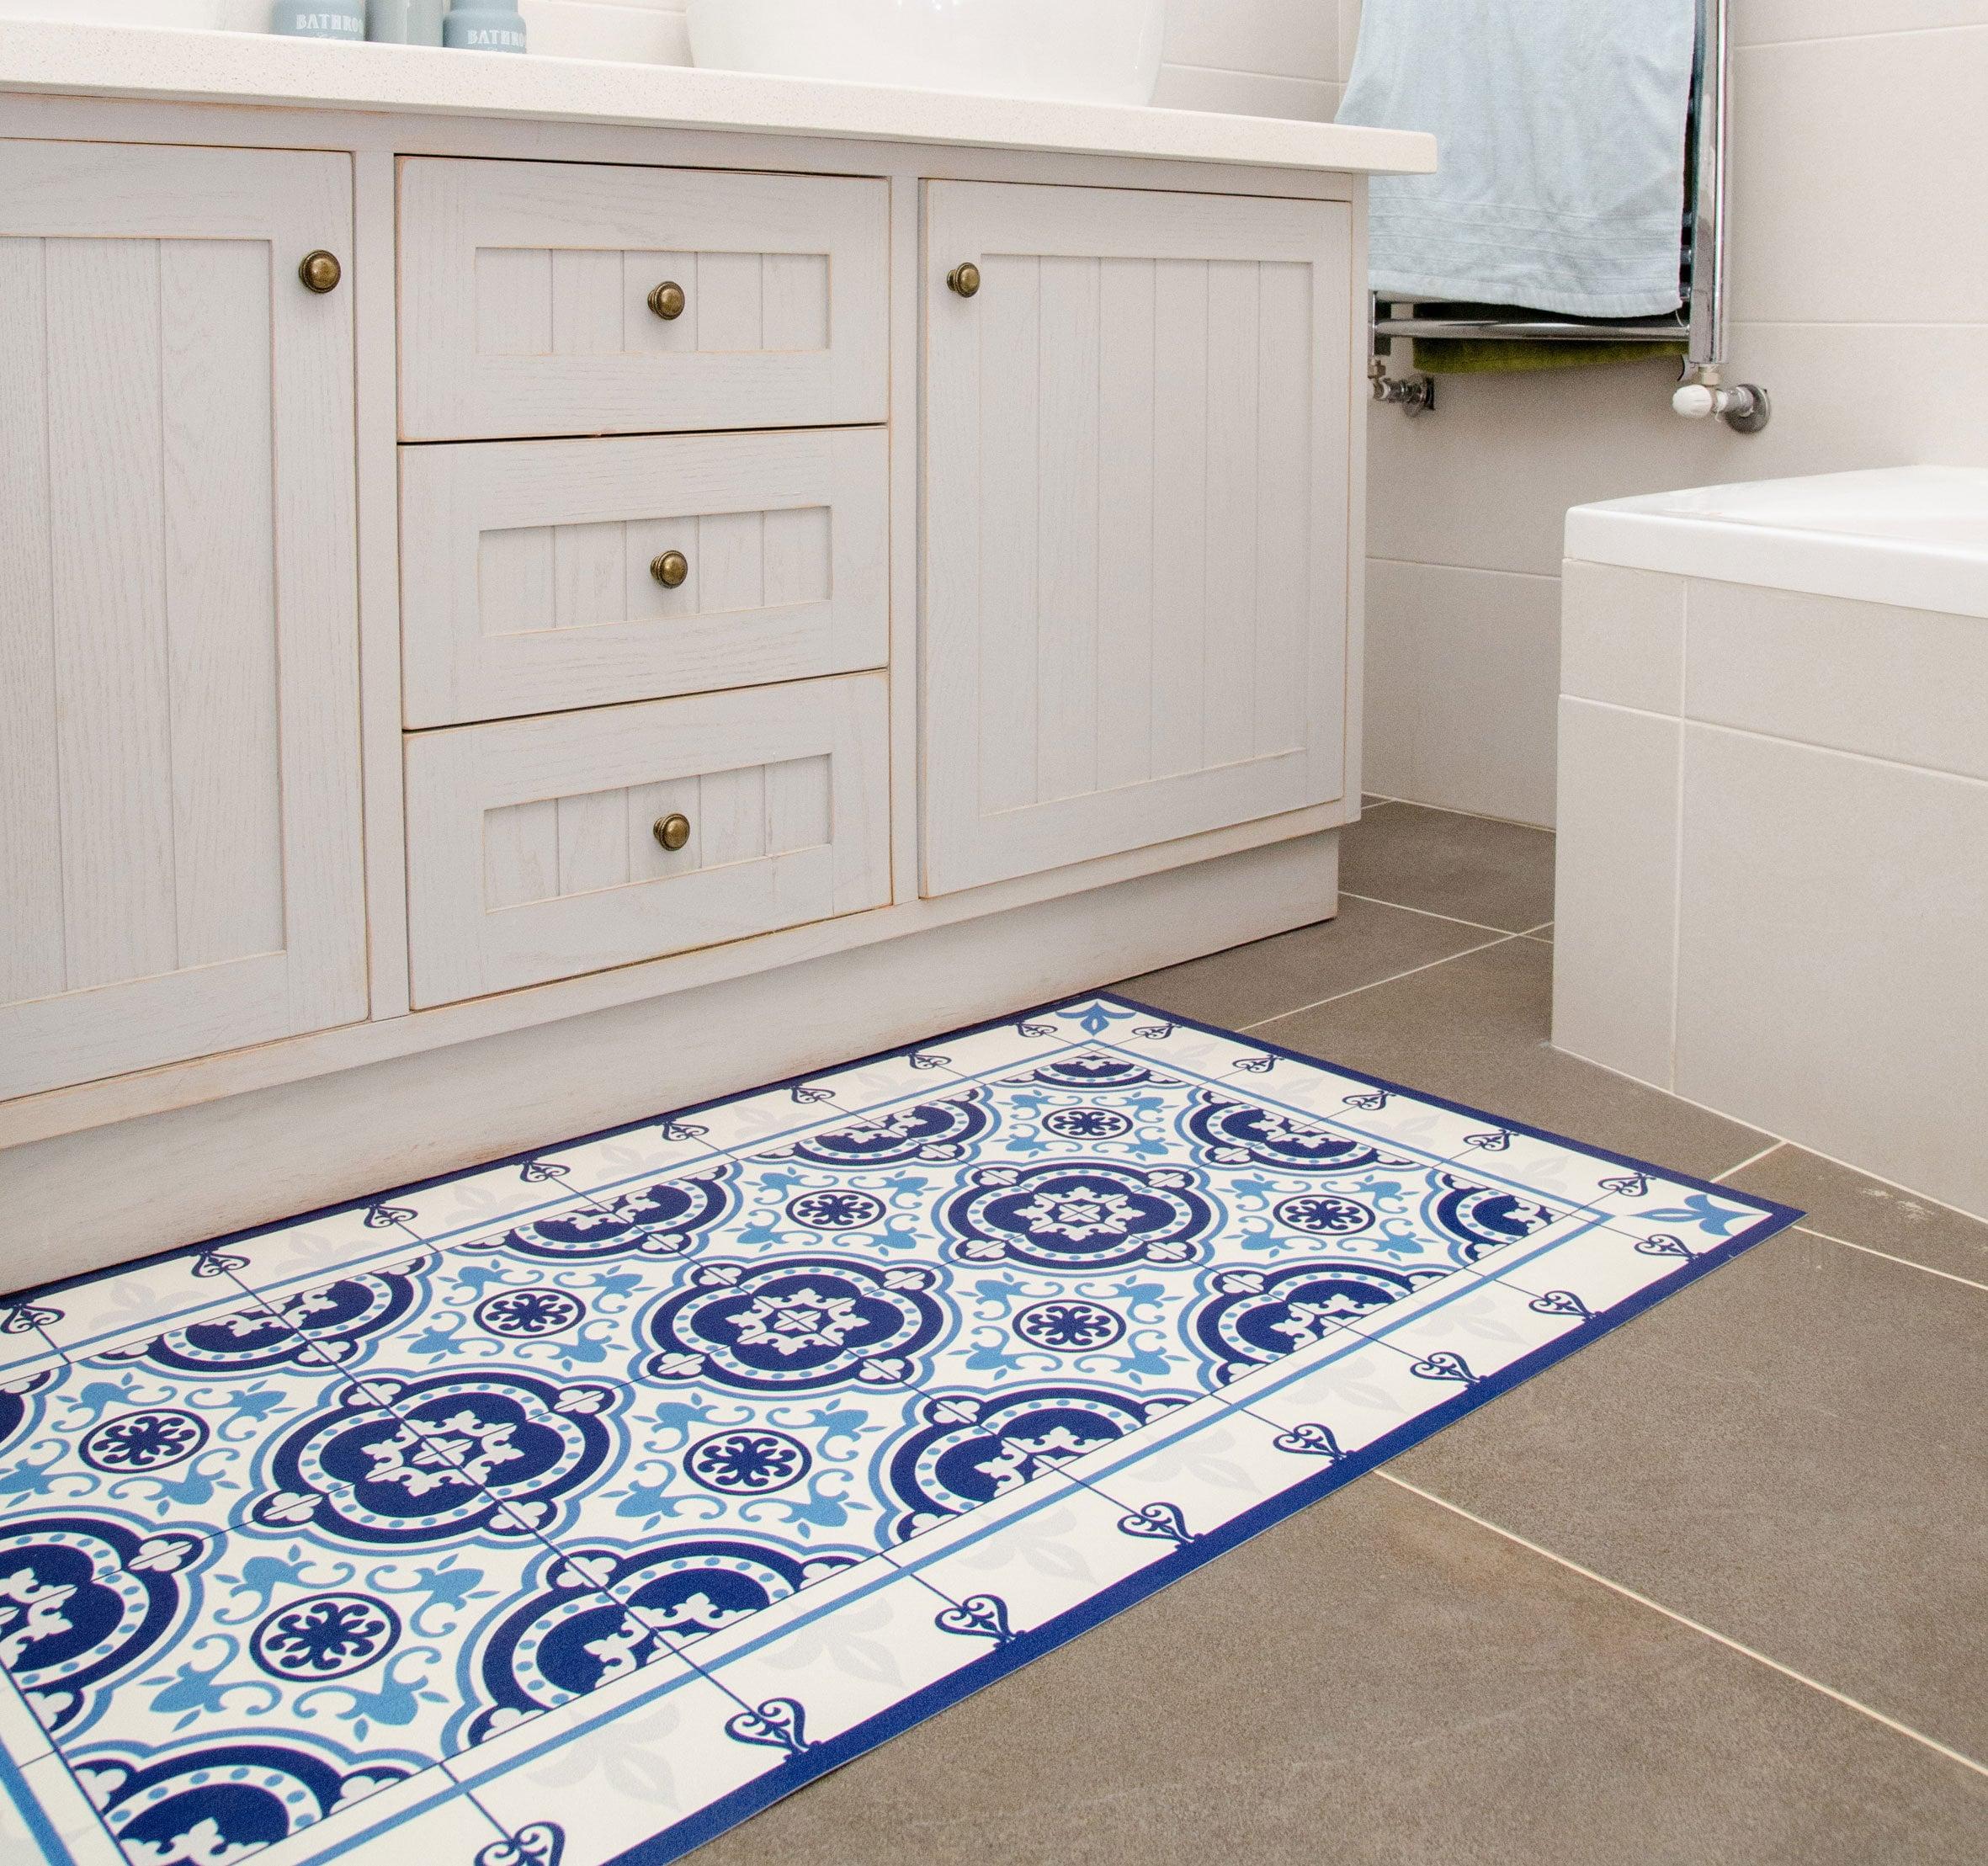 Moroccan Tiles Floor Mat Pvc Kitchen Rug Linoleum Area Rug